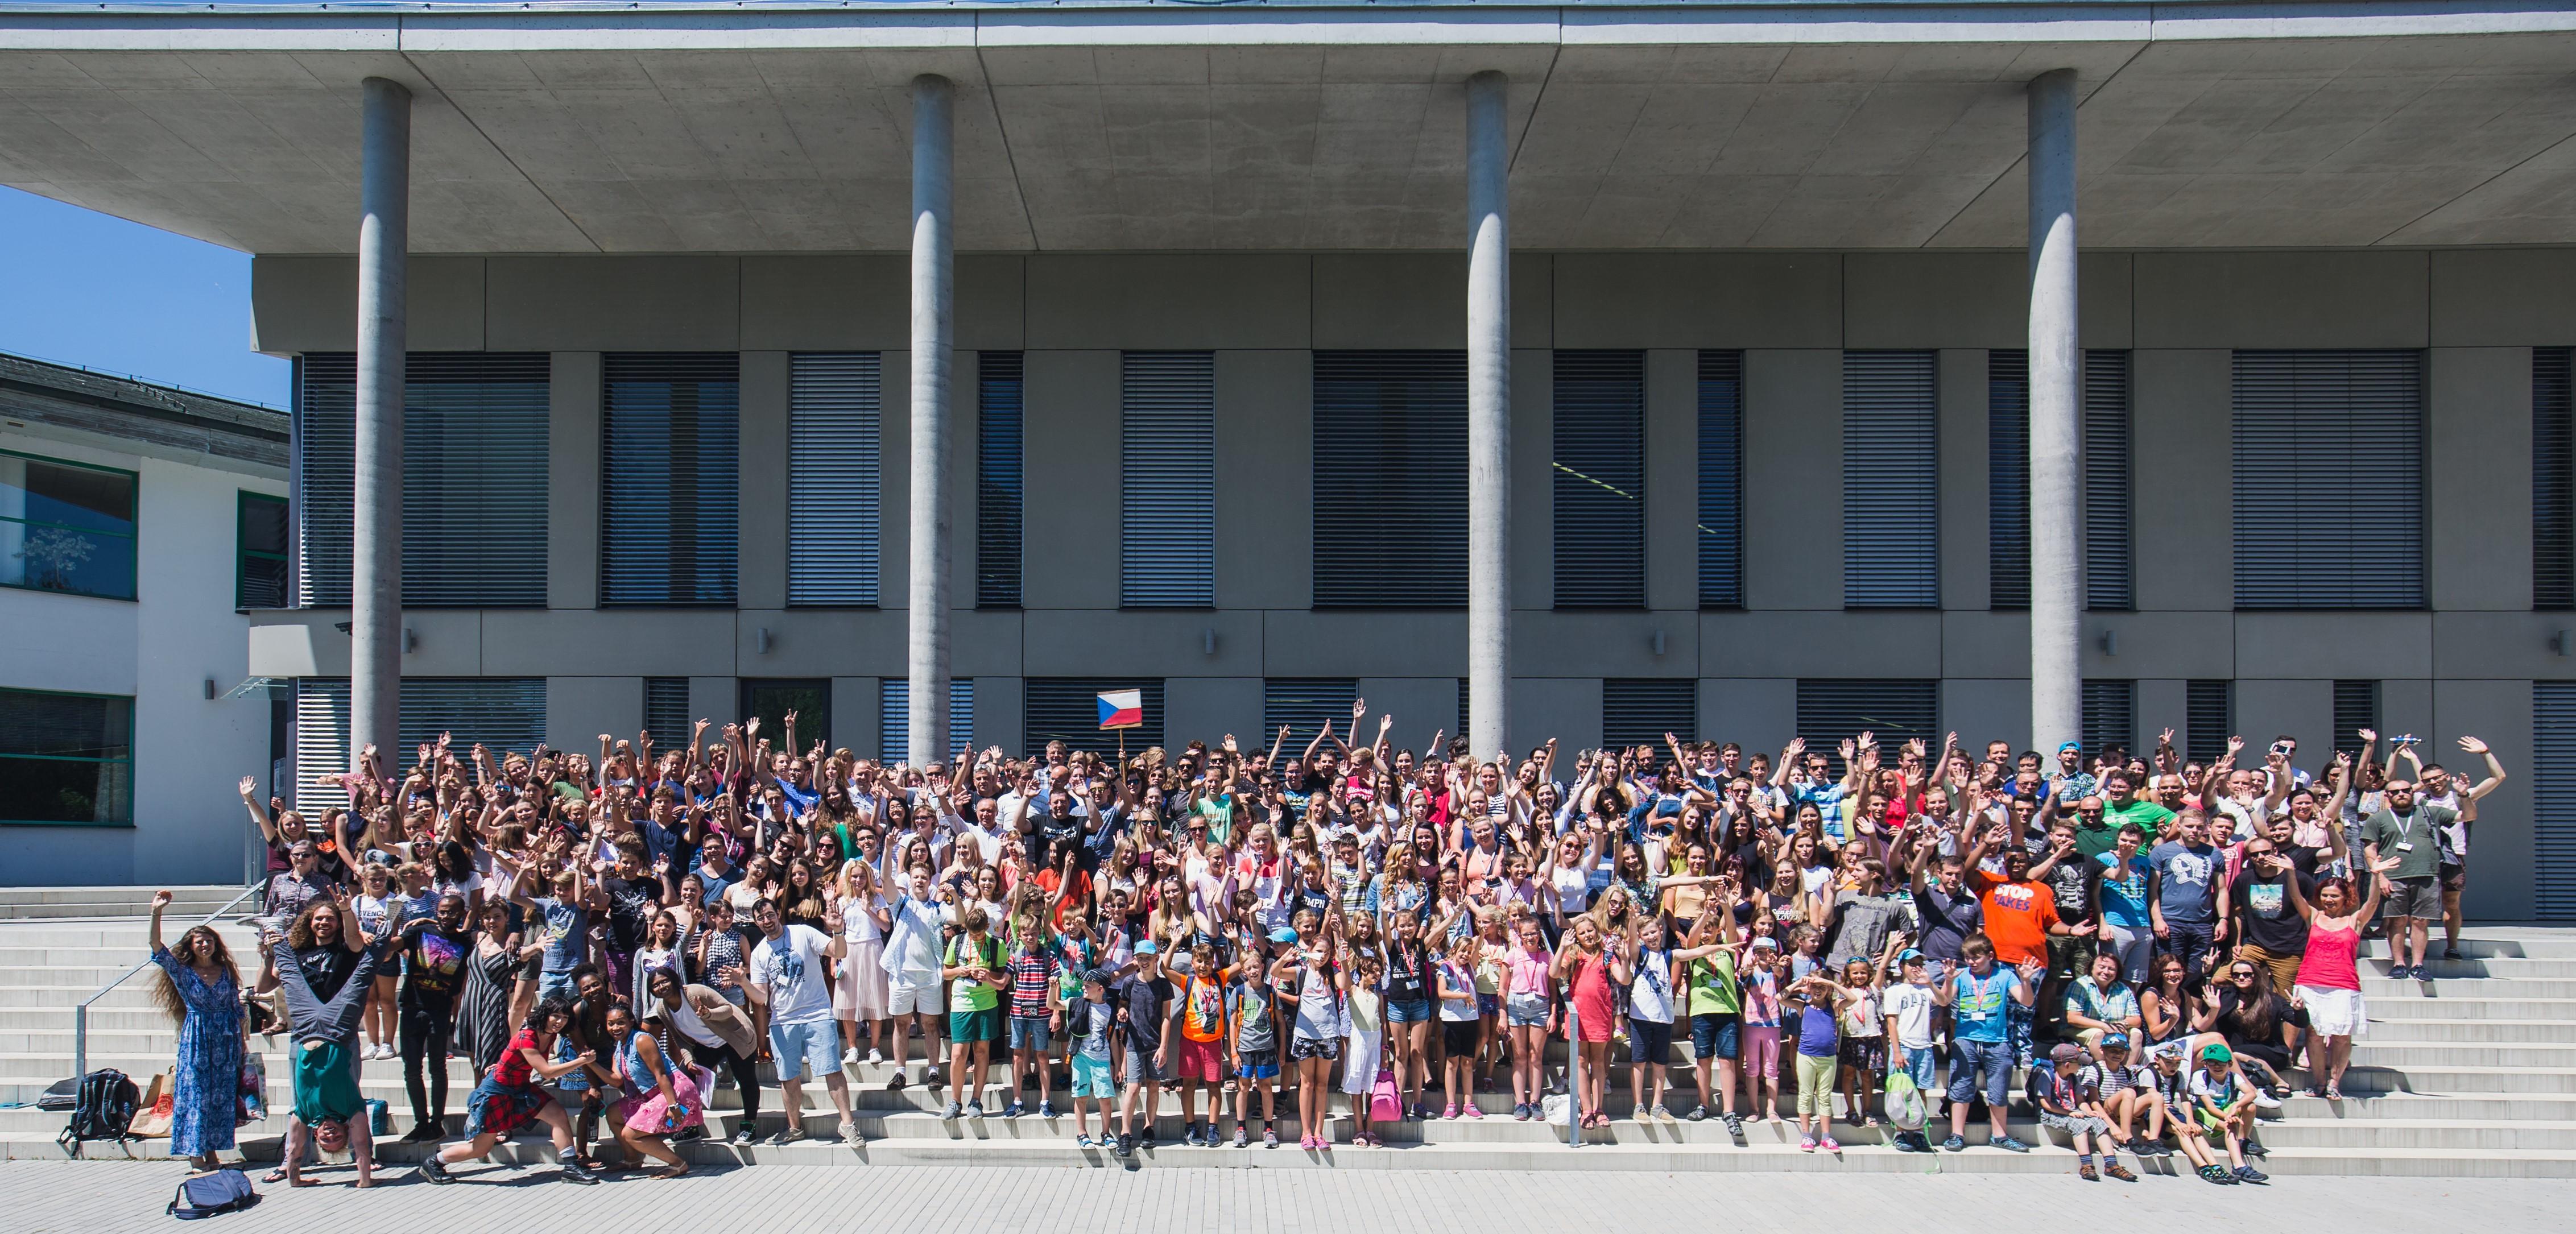 Děkujeme všem, kteří se zúčastnili jubilejního 30. ročníku MLJŠ!!! INTERNATIONAL SUMMER LANGUAGE SCHOOL 2019